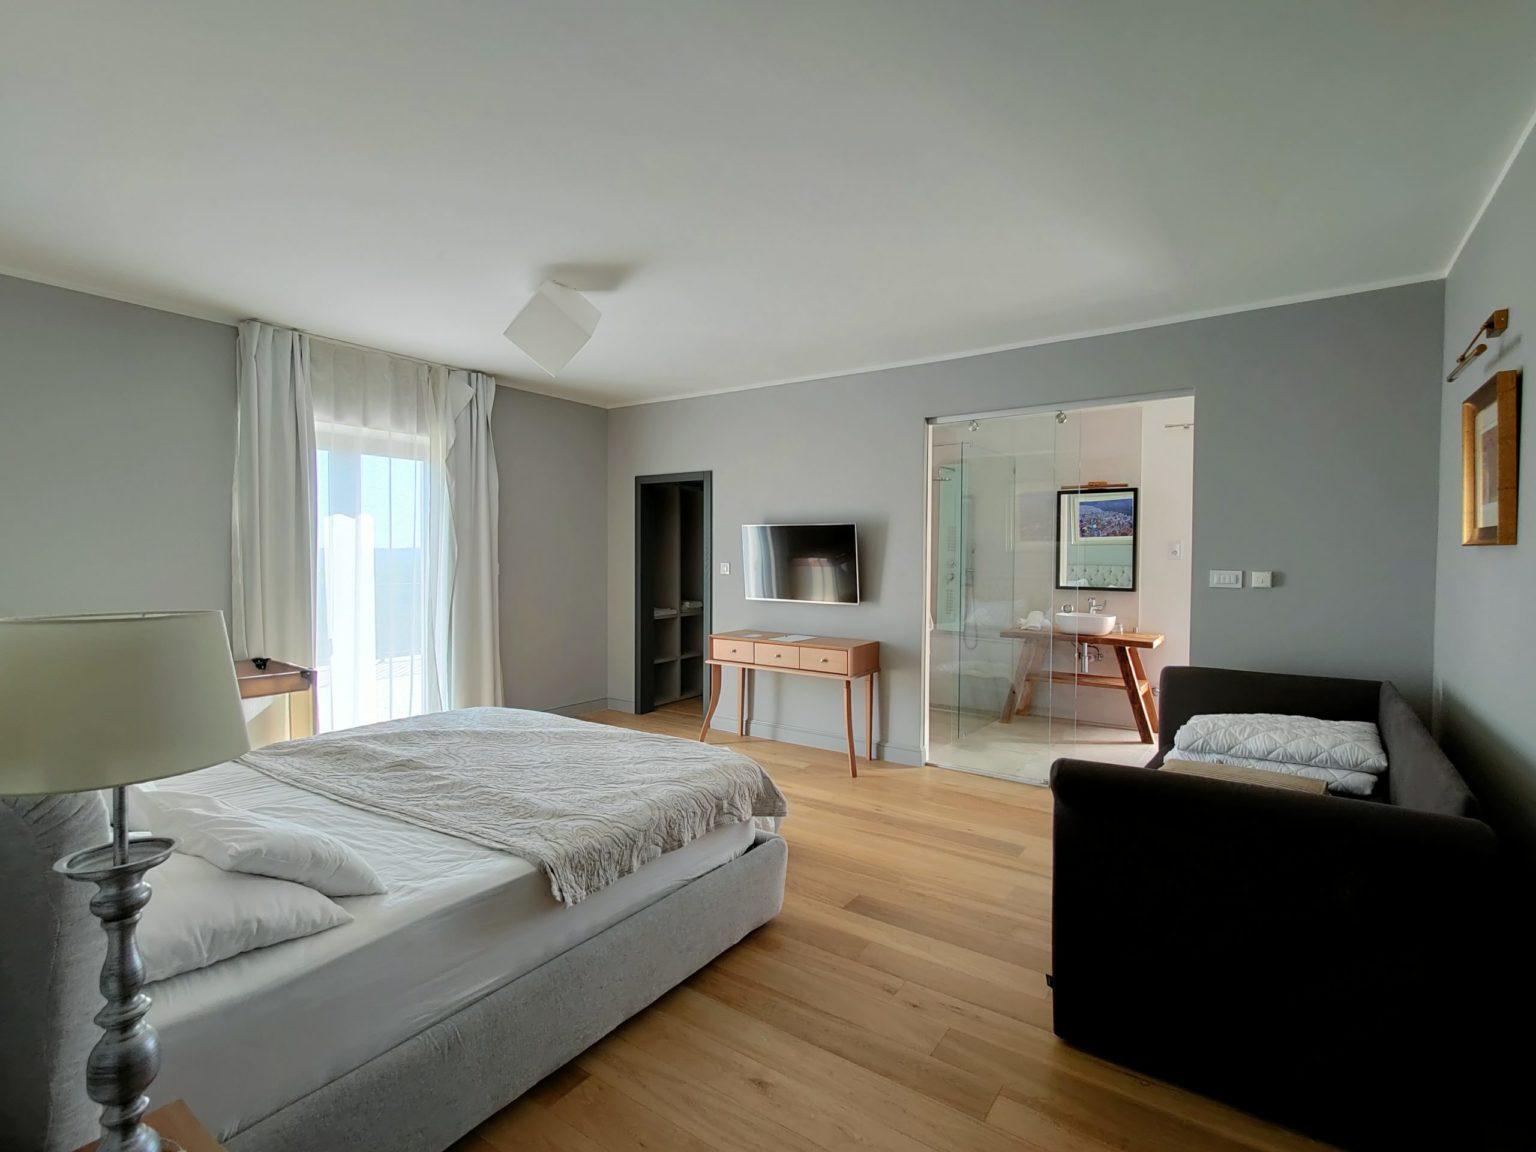 hochzeitslocation Kroatien location hochzeit heiraten 11 8 scaled - Moderne Villa